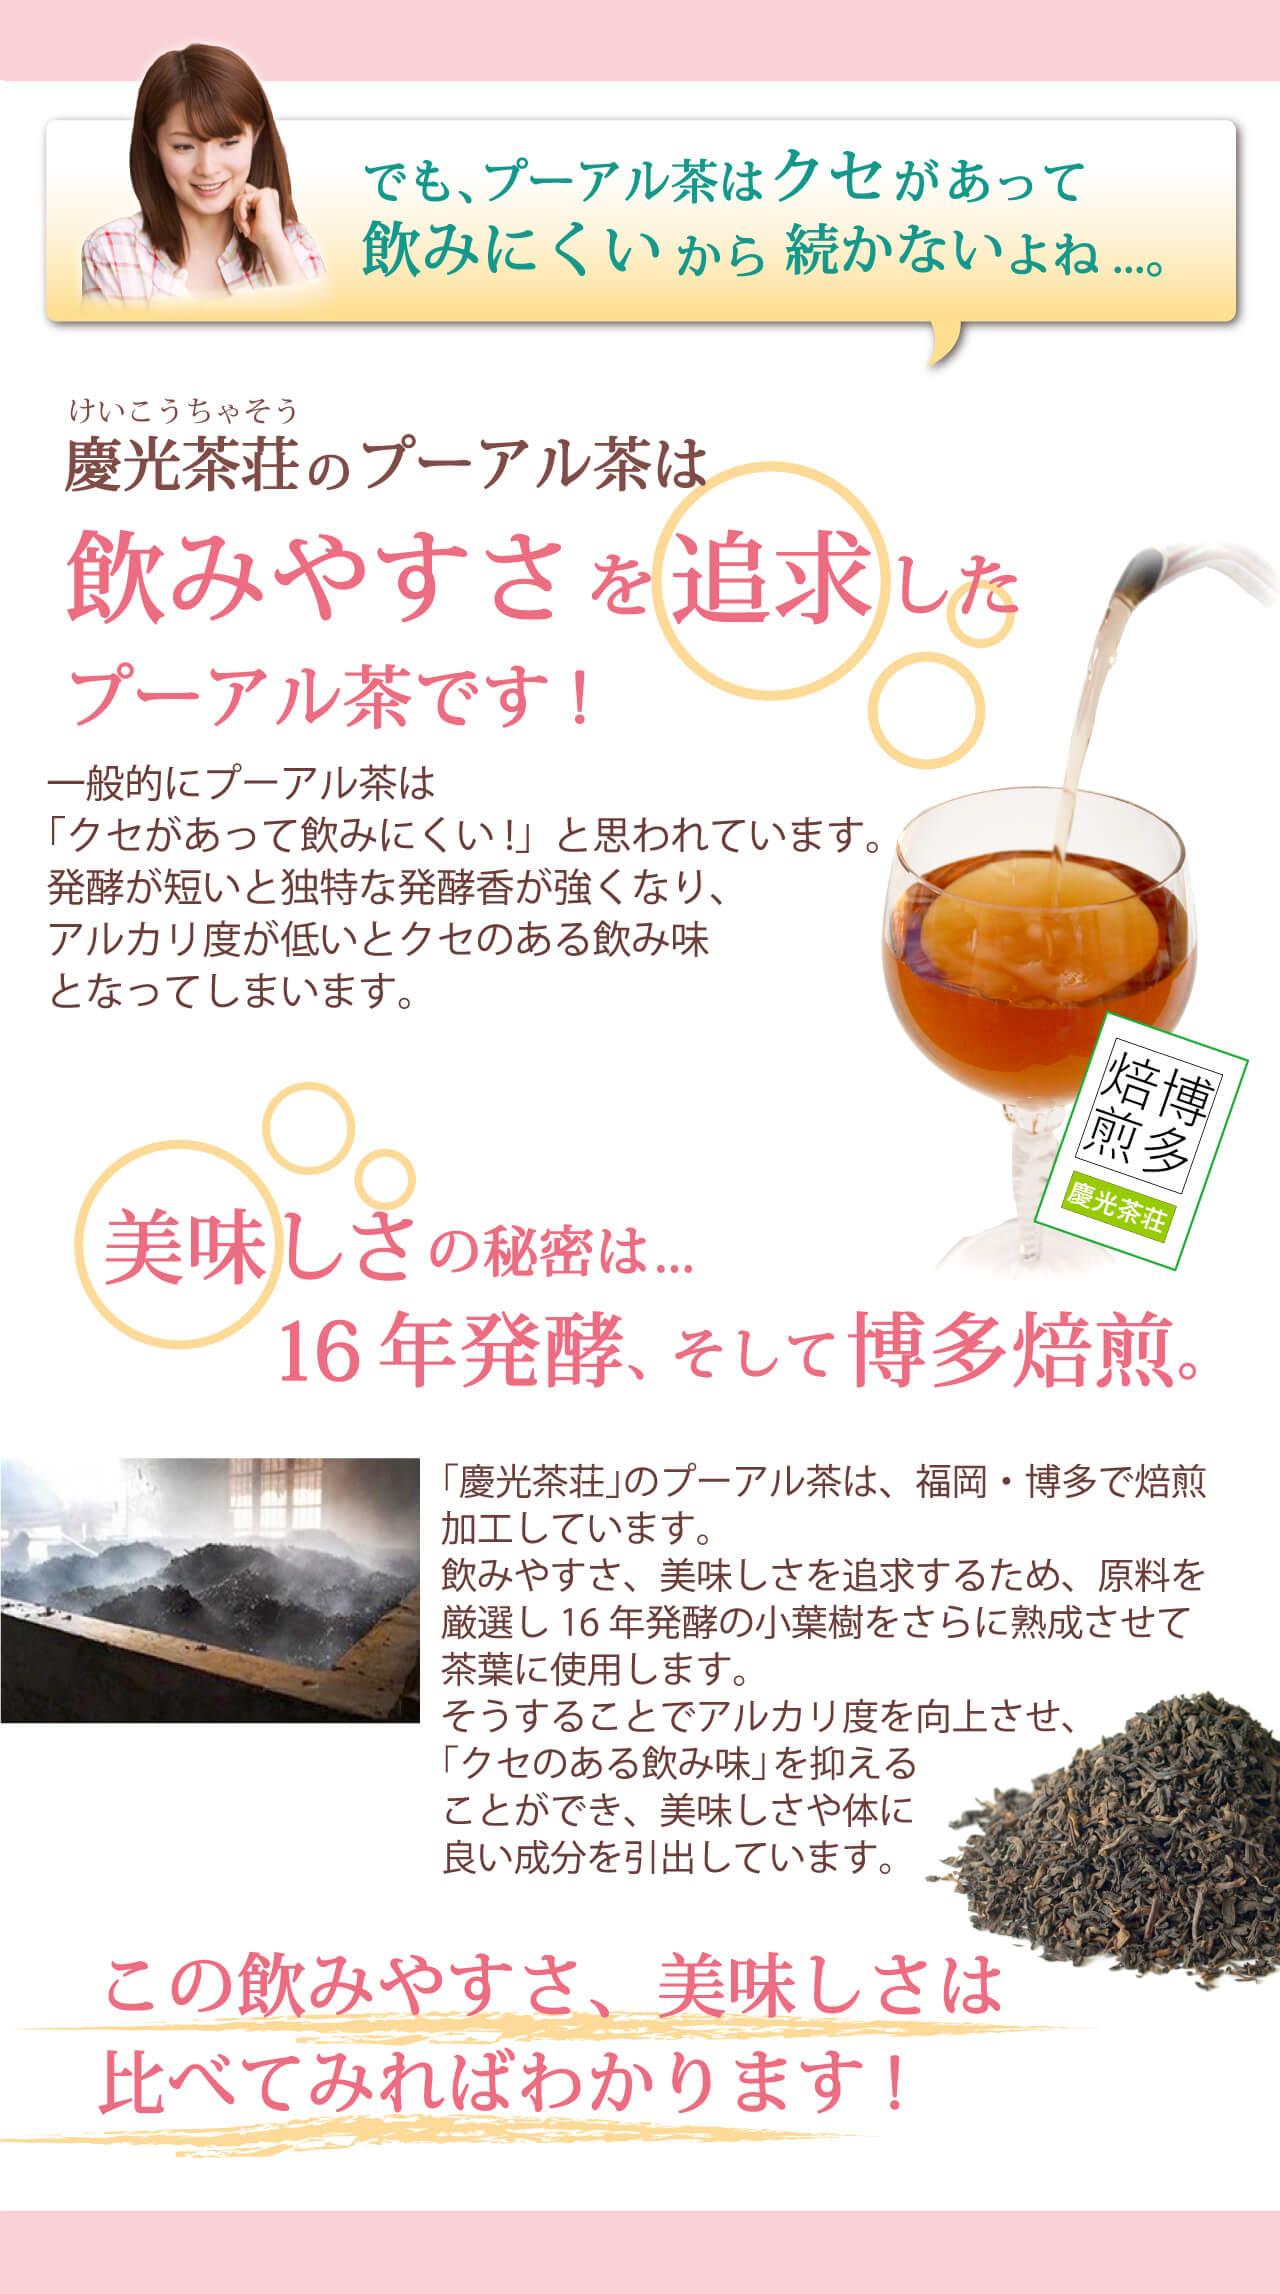 飲みやすさを追求したプーアル茶です 美味しさの秘密は16年醗酵そして焙煎 この飲みやすさ、美味しさは比べてみればわかります!